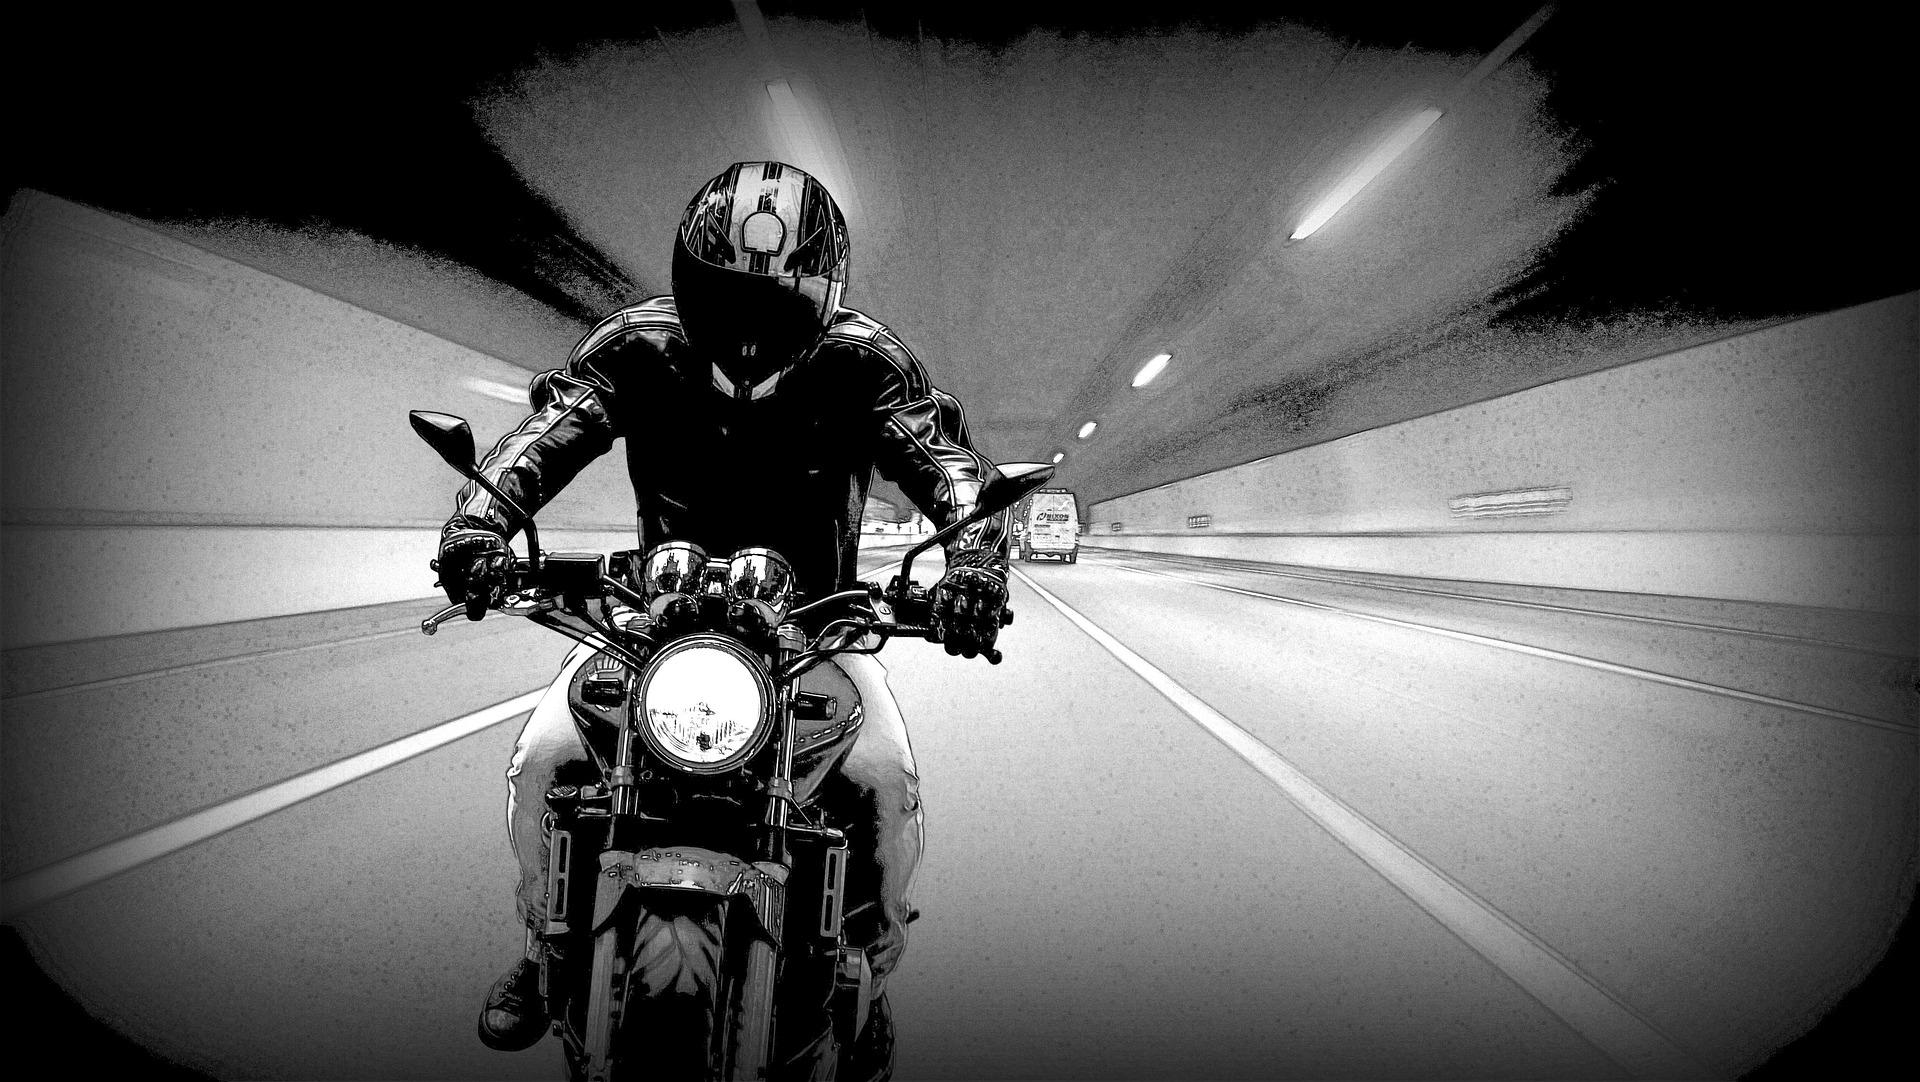 Comment bien choisir son casque moto? 1